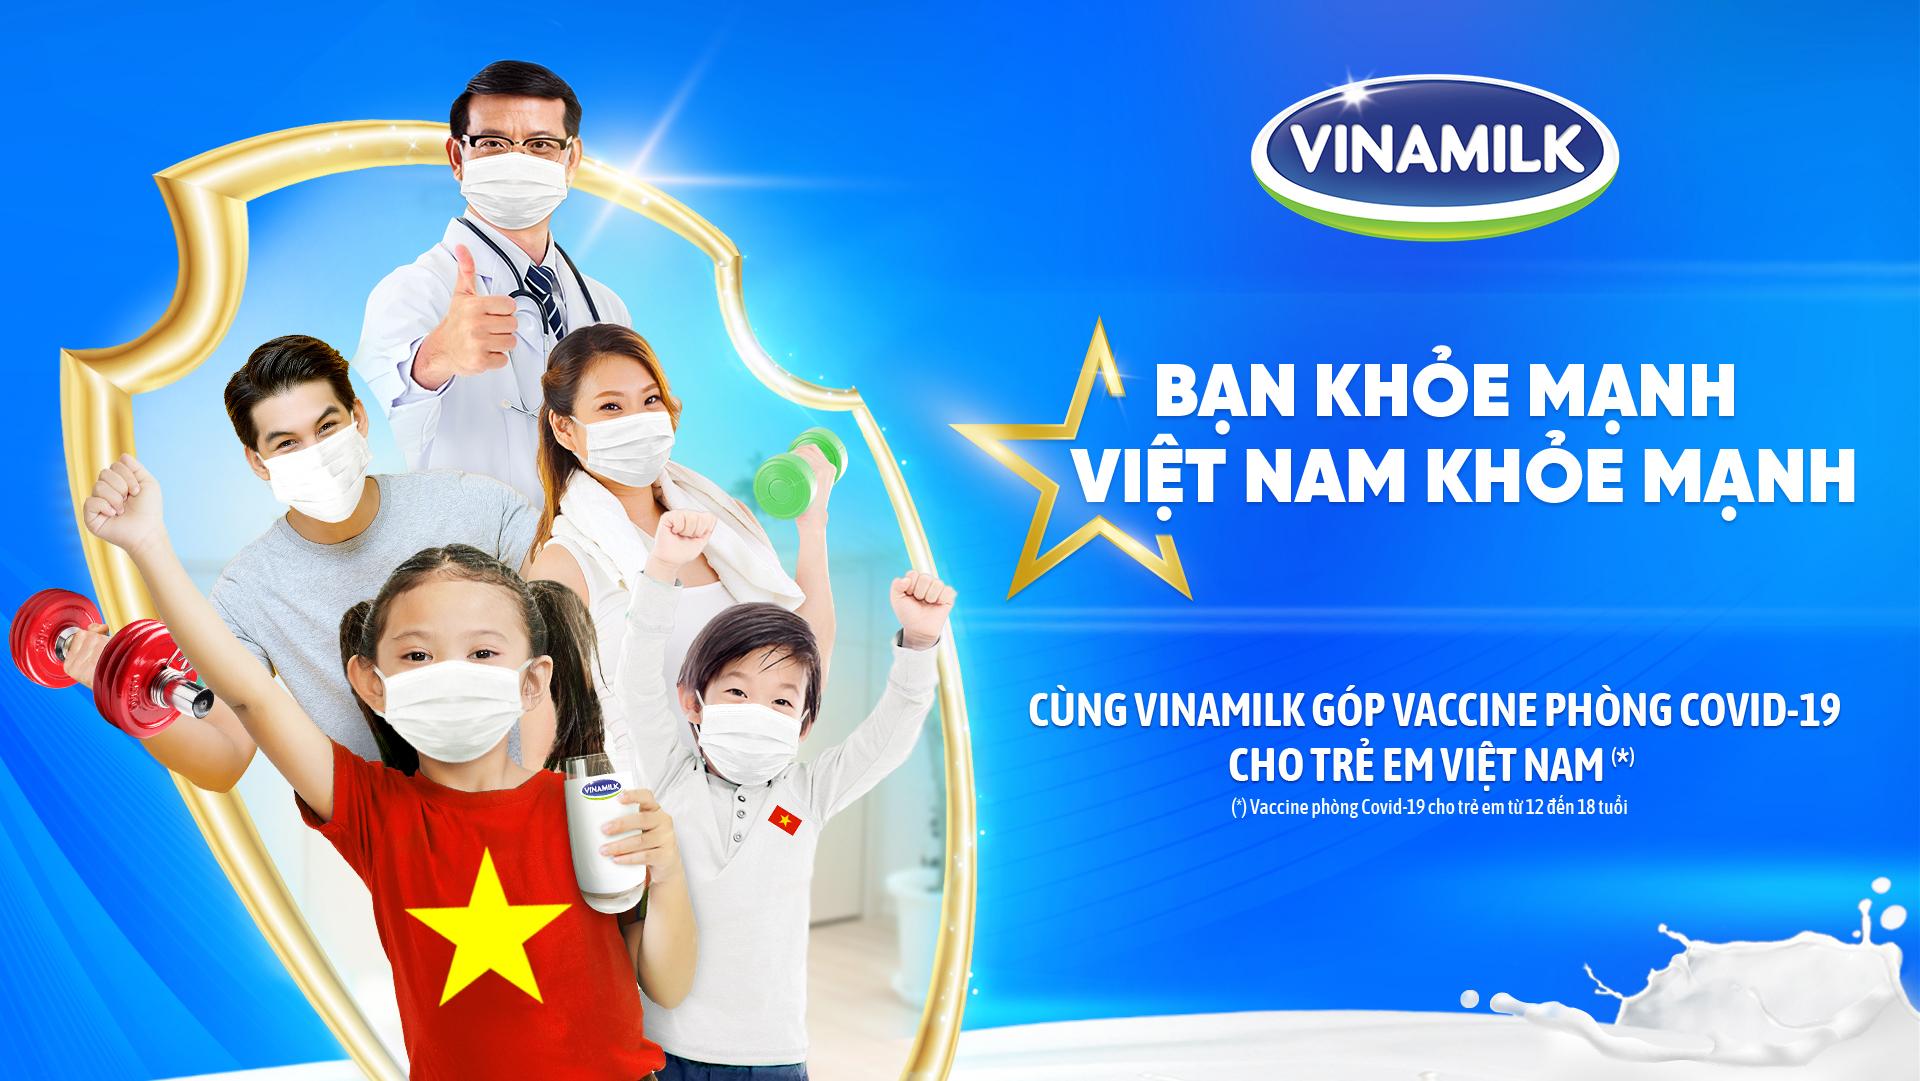 Hàng ngàn món quà dinh dưỡng từ Vinamilk gửi tặng đến các y bác sĩ, người thân trong ngày gia đình Việt Nam 15